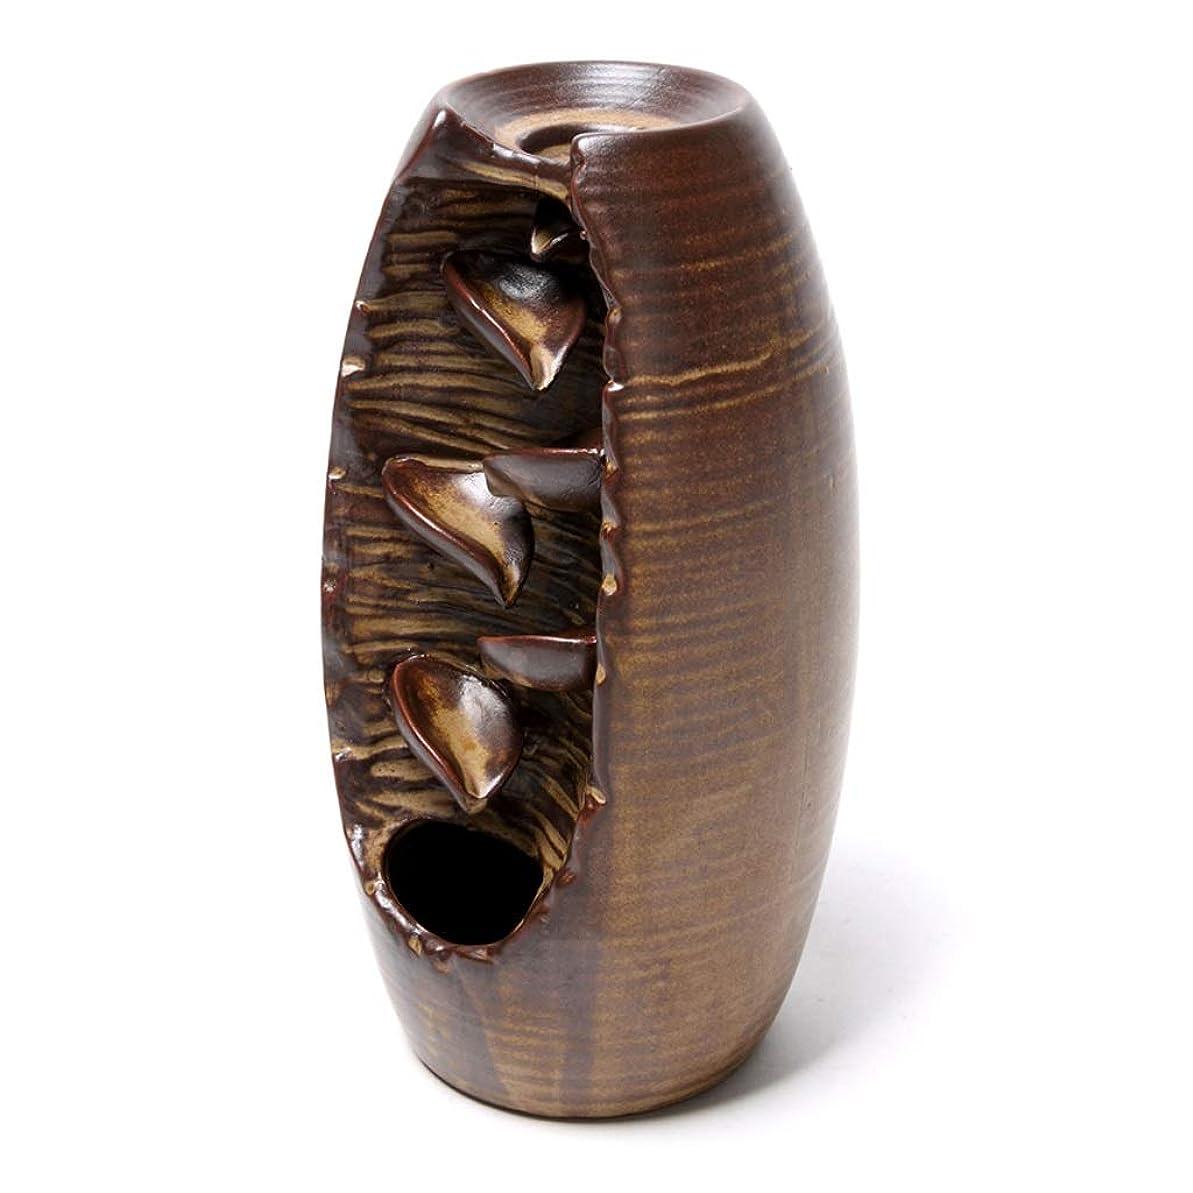 類似性動脈農場クリエイティブ逆流香バーナーセラミック香コーンバーナーホルダーホームフレグランスアロマセラピー装飾香ホルダー (Color : Brown, サイズ : 3.54*8.07 inches)